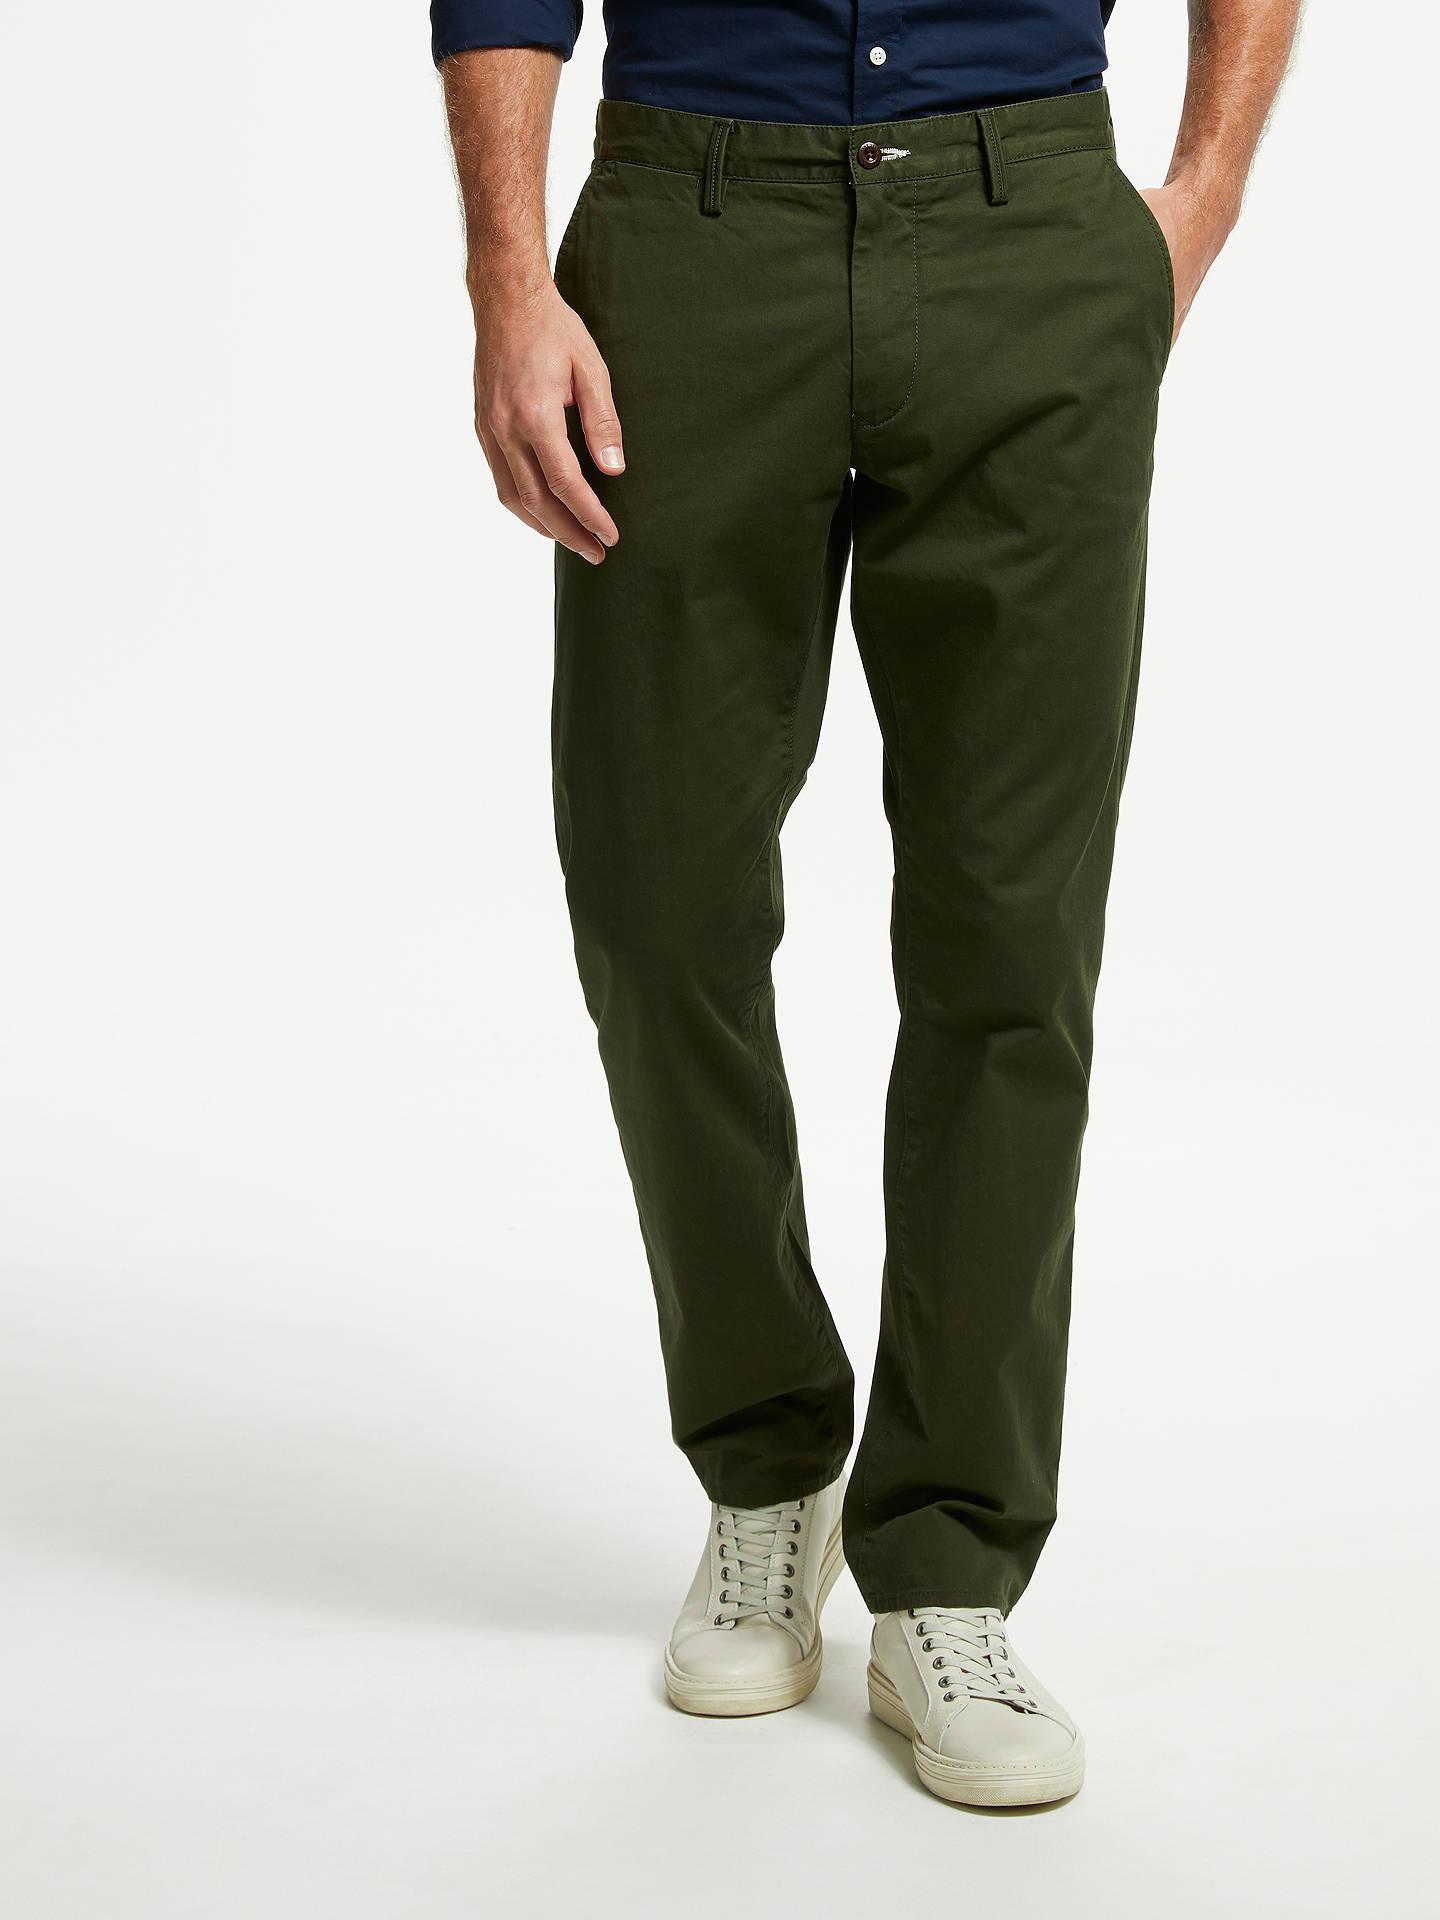 amazon specialförsäljning bästsäljande GANT Regular Twill Chino Trousers at John Lewis & Partners